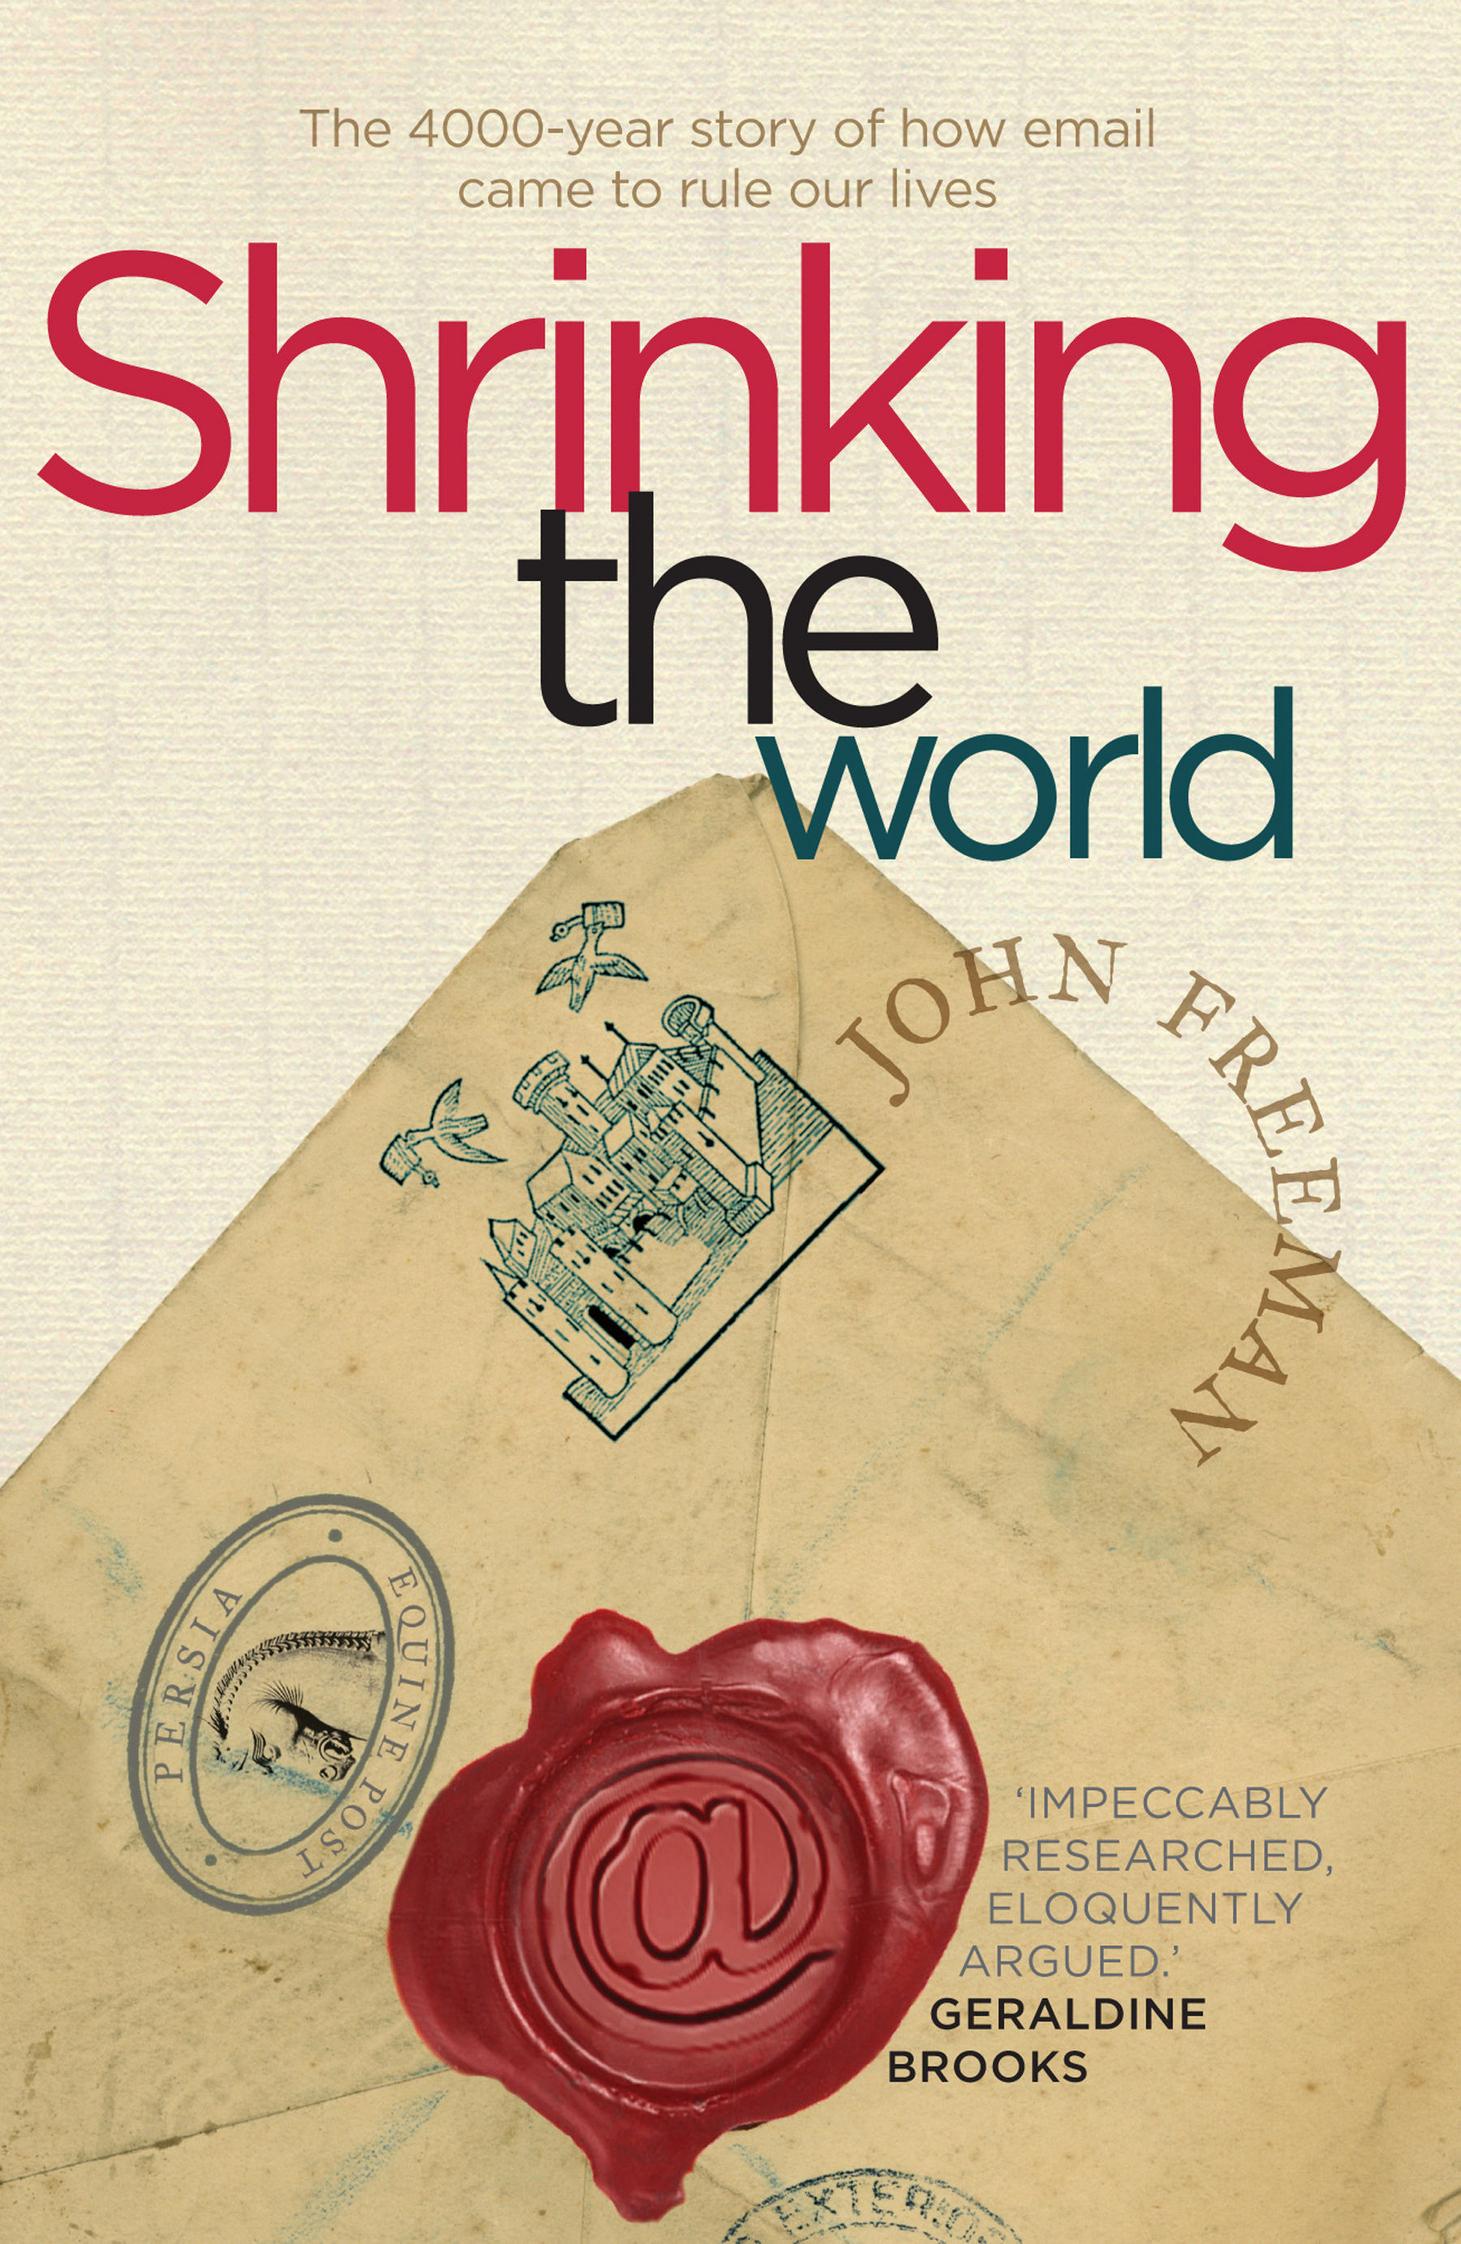 Shrinking The World